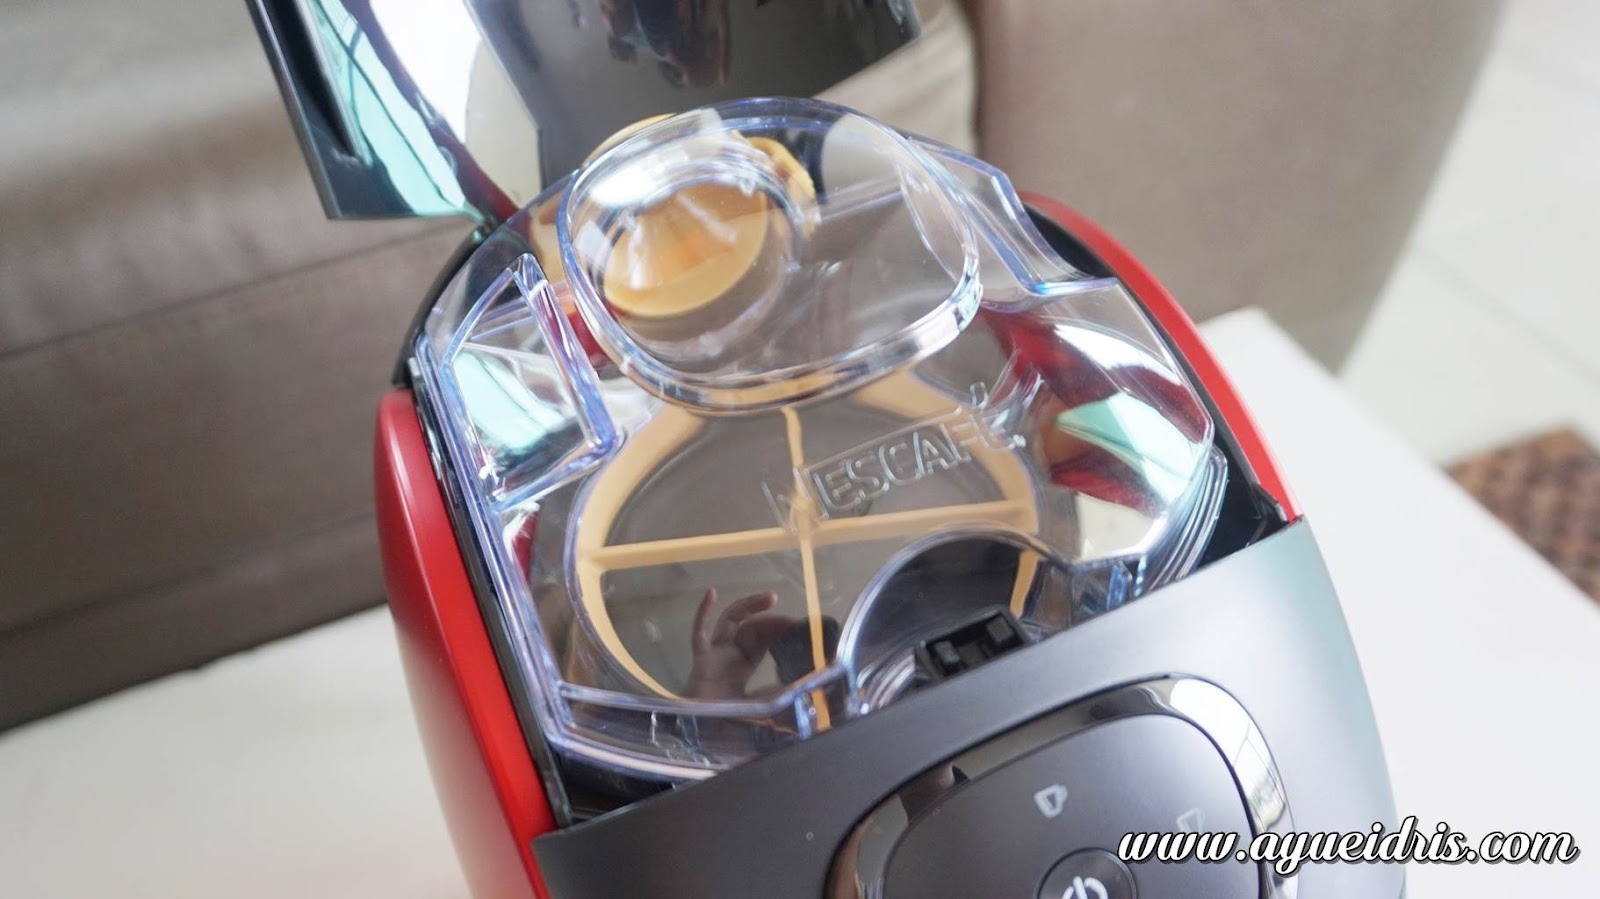 Nescafe Gold Barista Coffee Machine cara guna harga (1).JPG